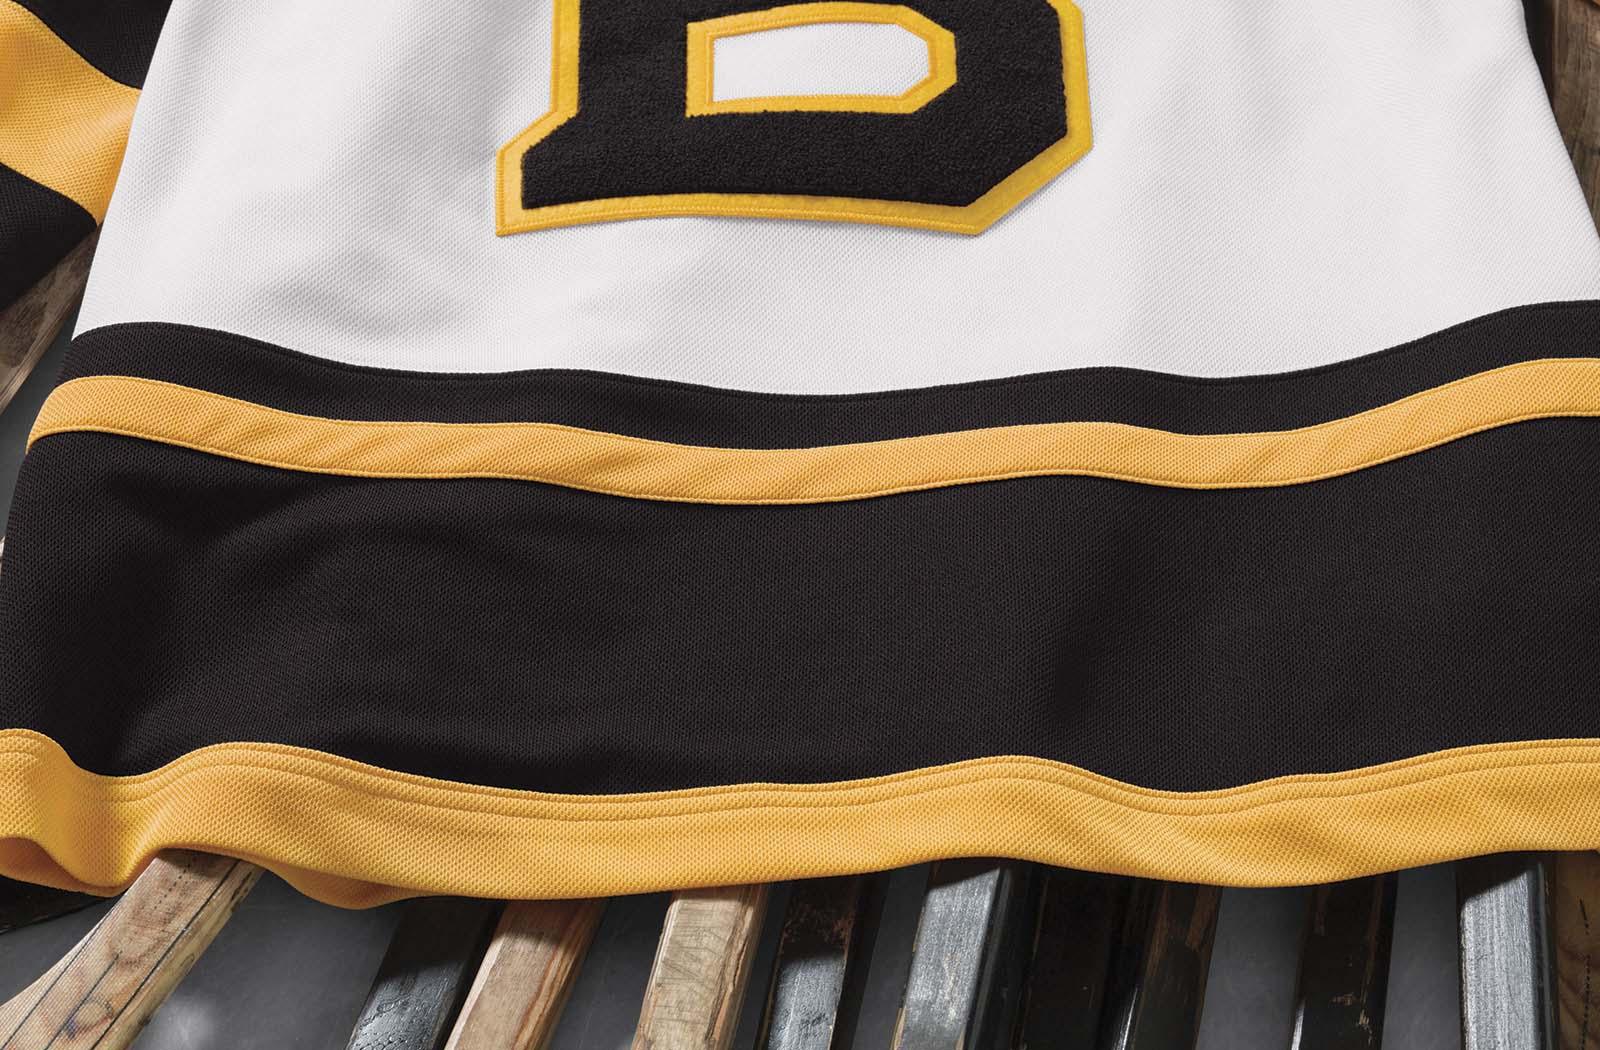 adidasHockey x Boston WinterClassic_07.jpg